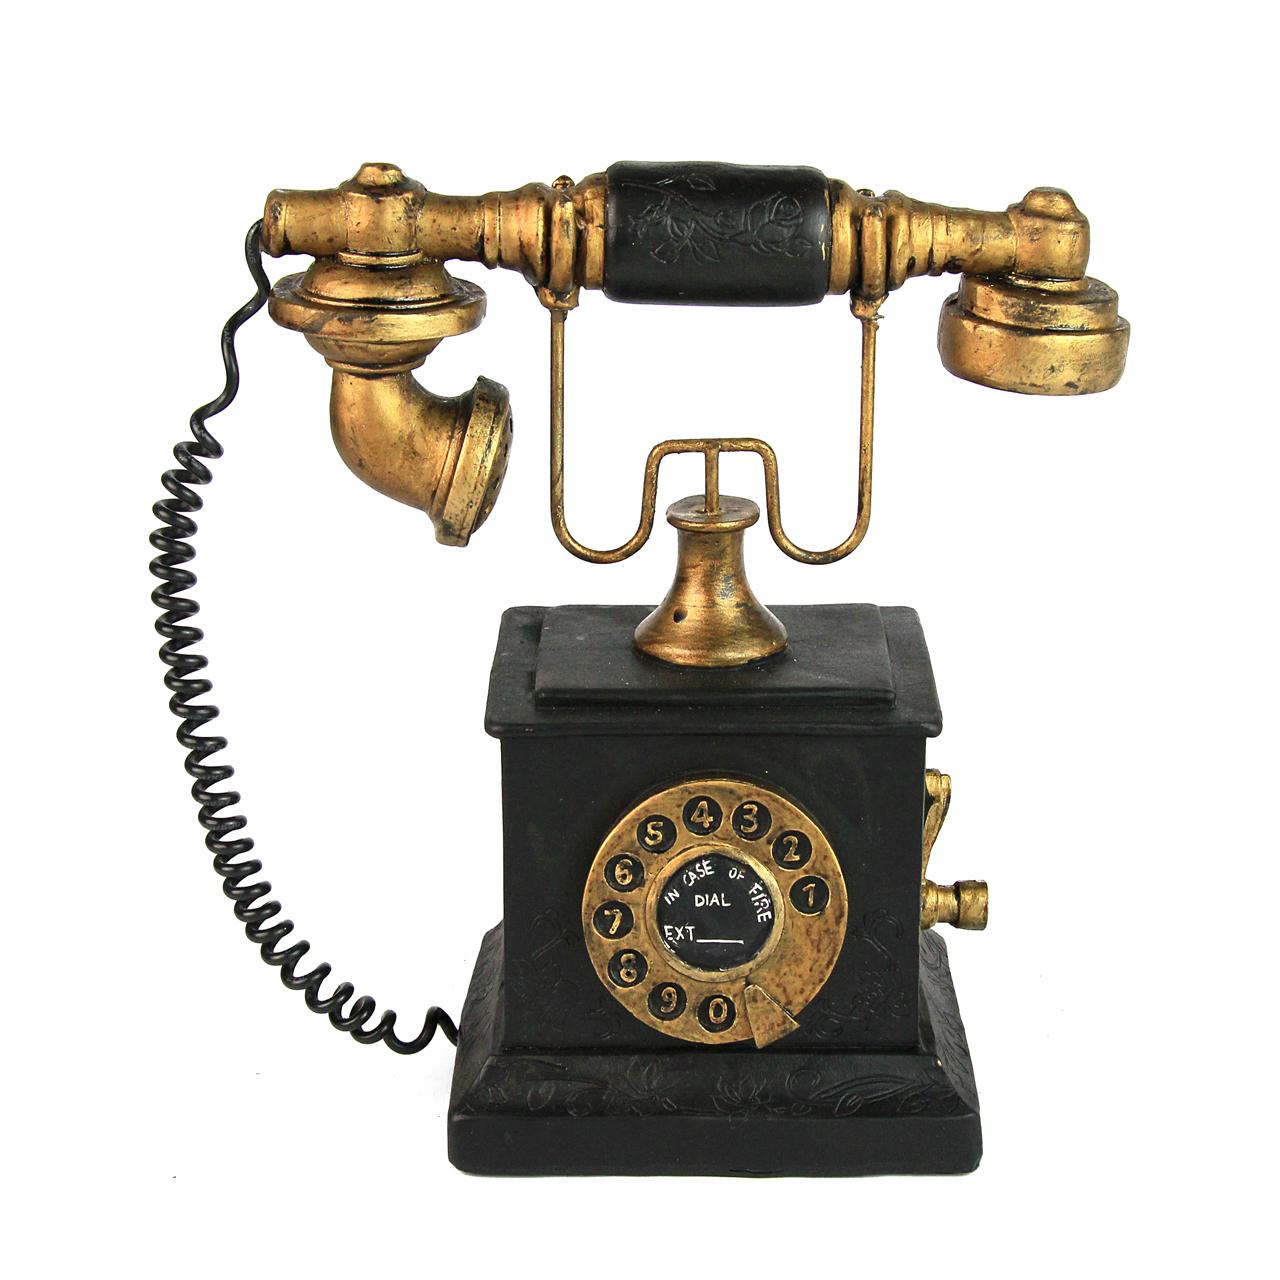 Pusculita Telefon Neagra Cu Aramiu 11x11x20 Cm